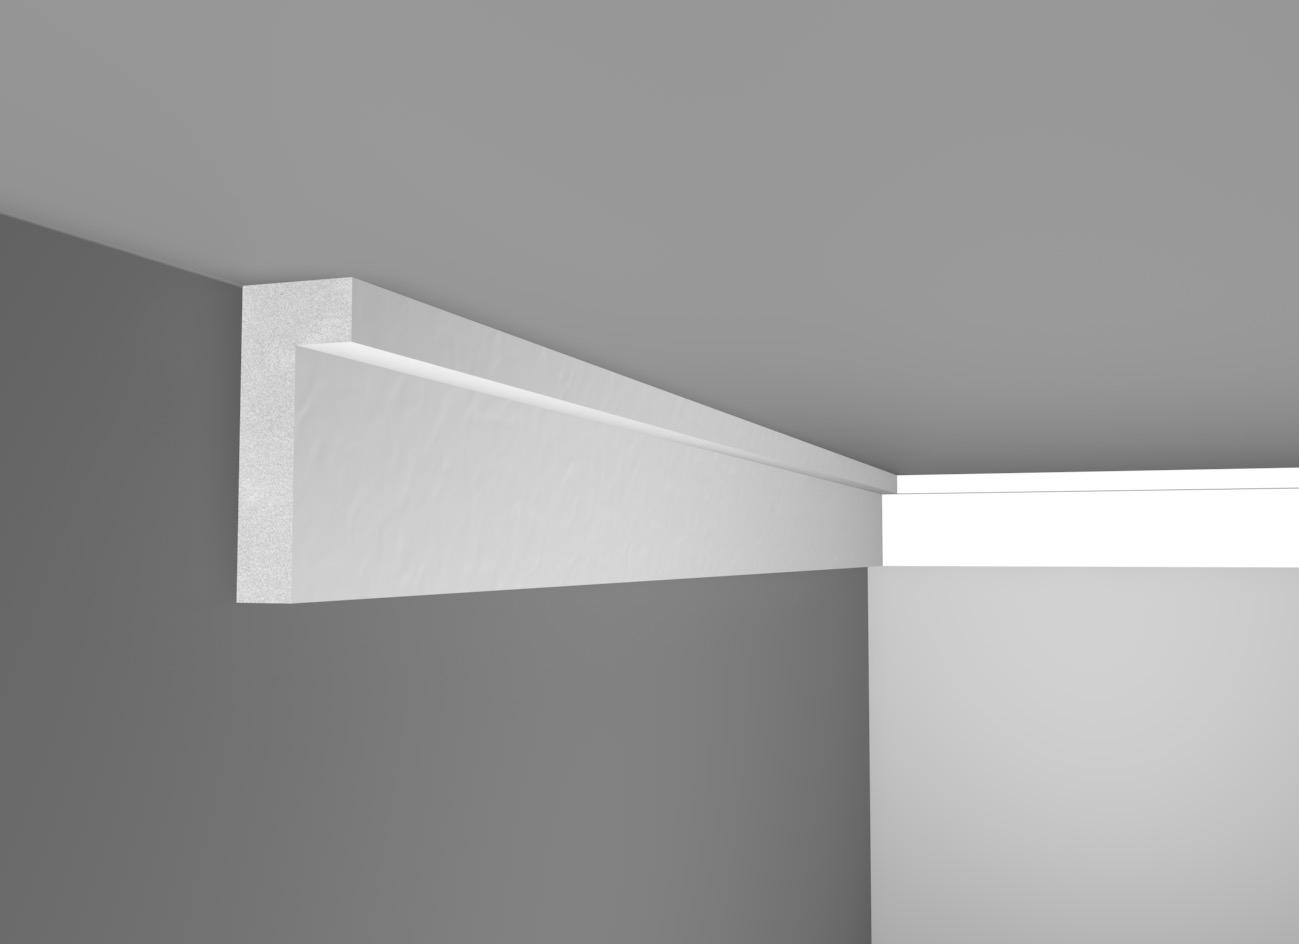 L 10 - Cornice in polistirene gessato bianco - Decorget - Ital Decori - Image 0